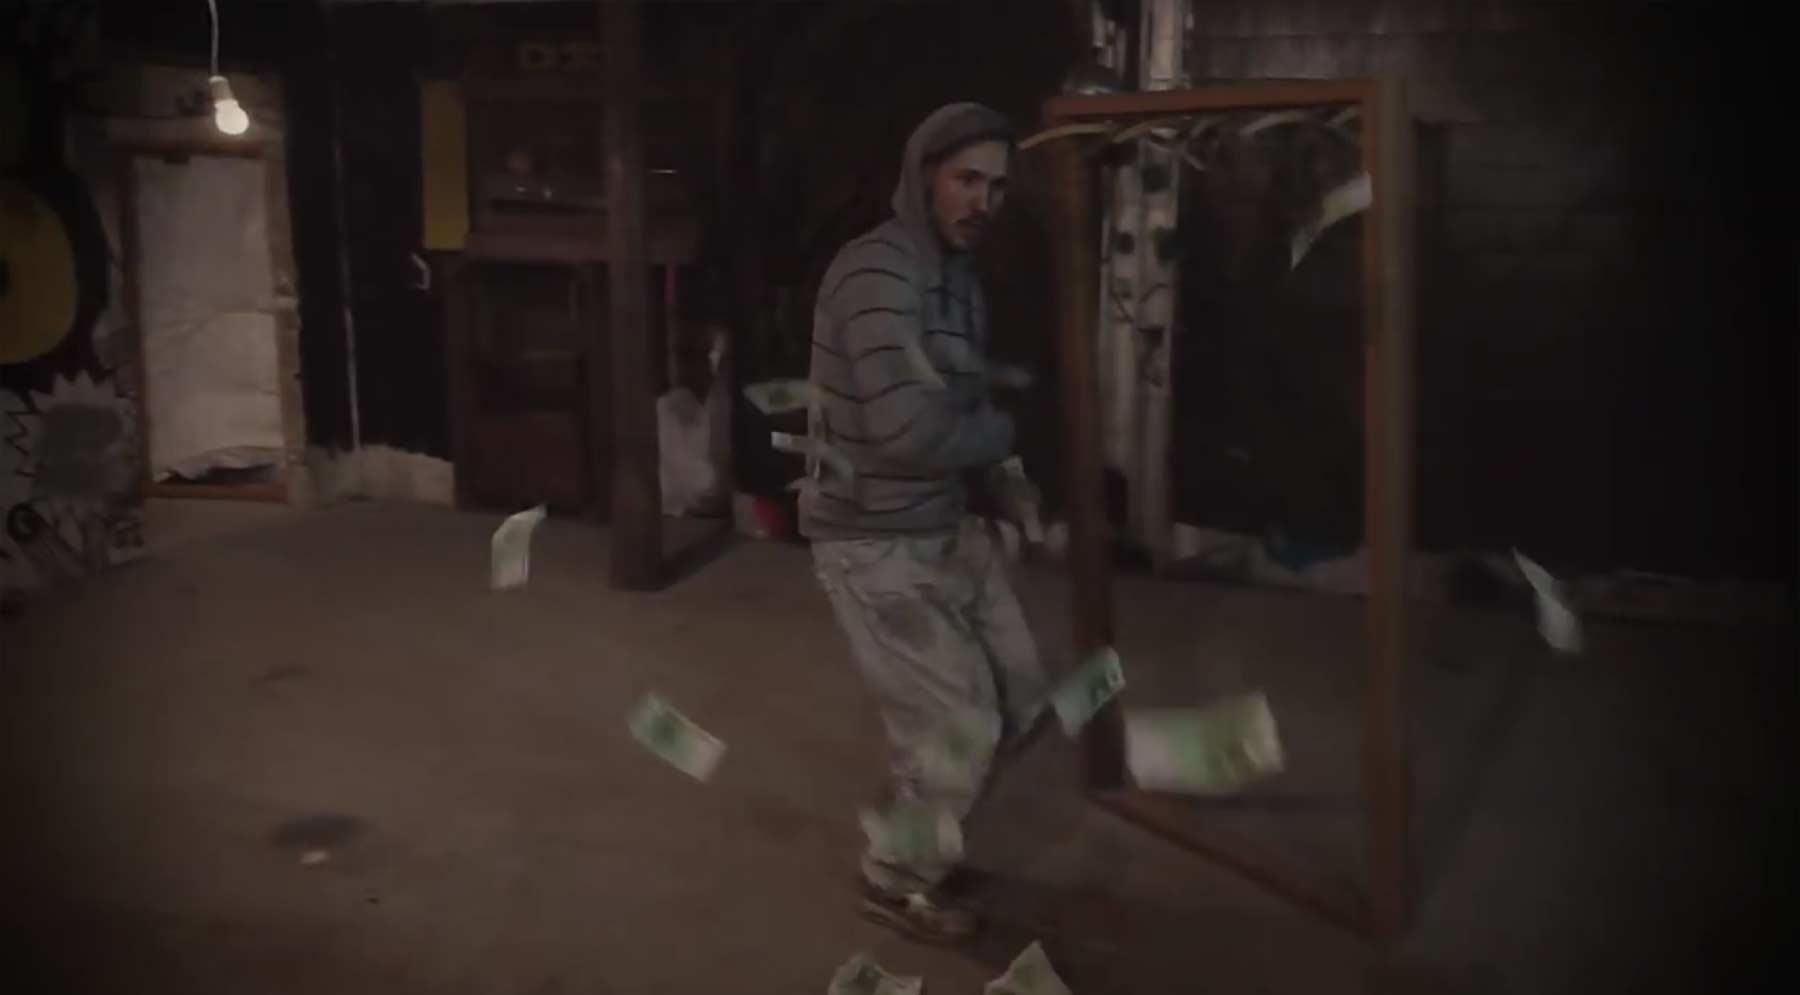 Rückwärts in einem Take gedrehtes Musikvideo